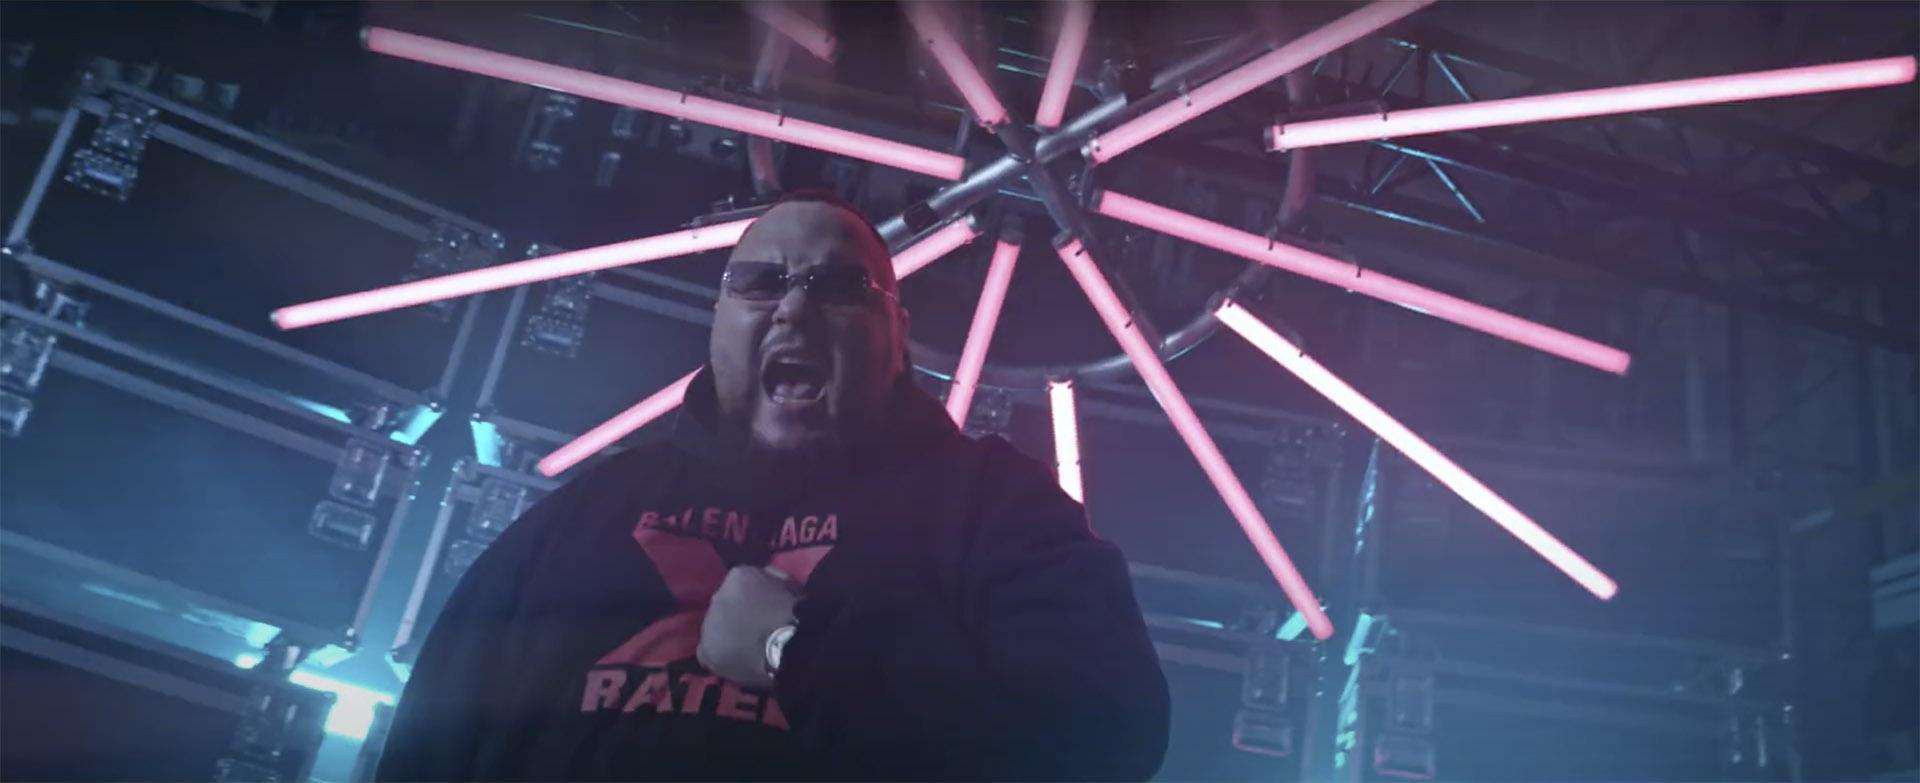 Foto von Rapper Bozza vor einem leuchtenden roten Stern aus roten Titan Tubes.